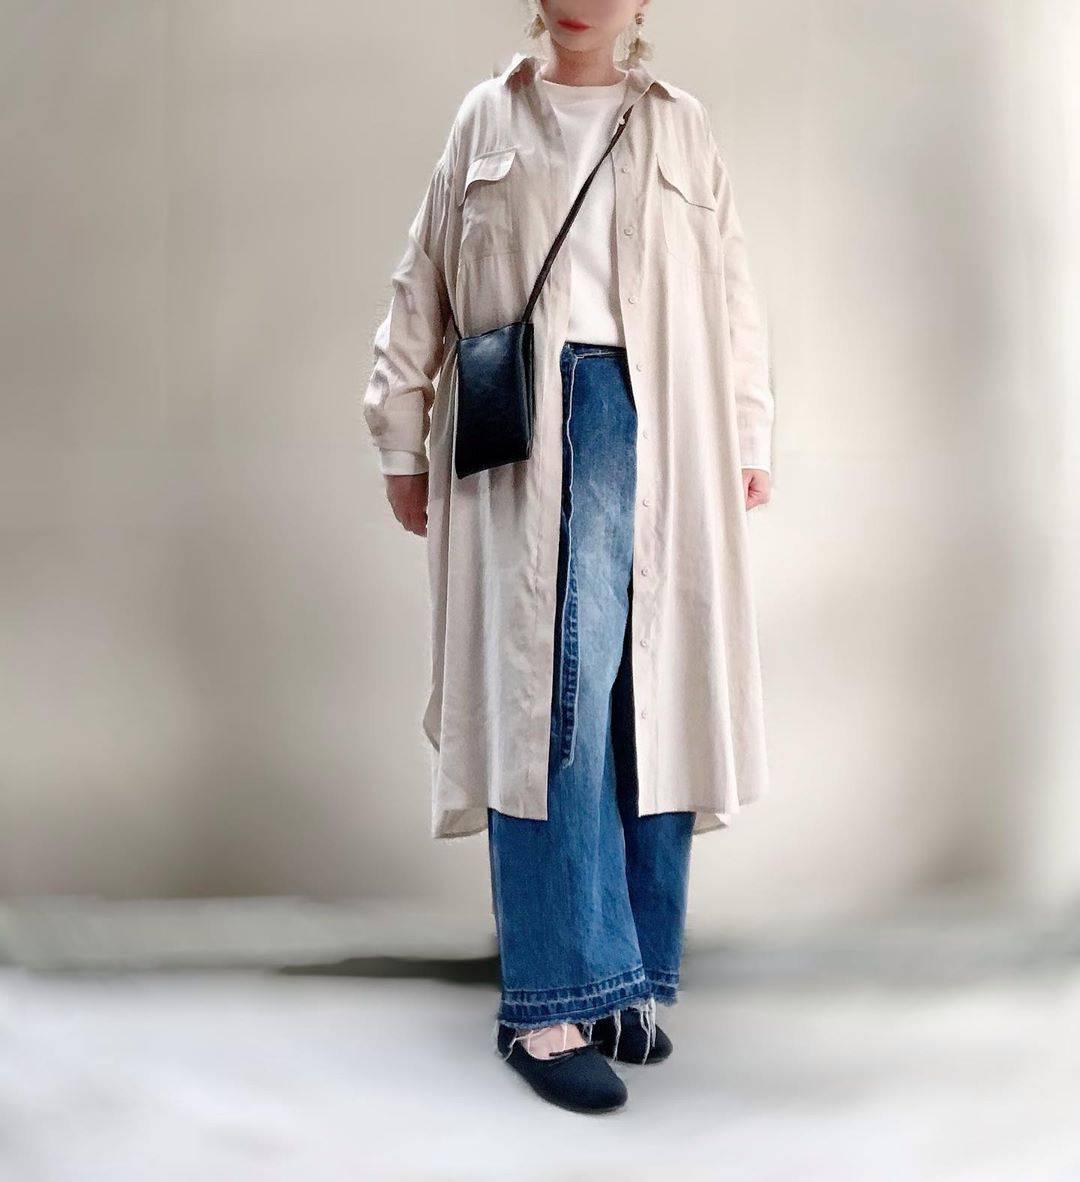 最高気温9度・最低気温7度 unange103の服装